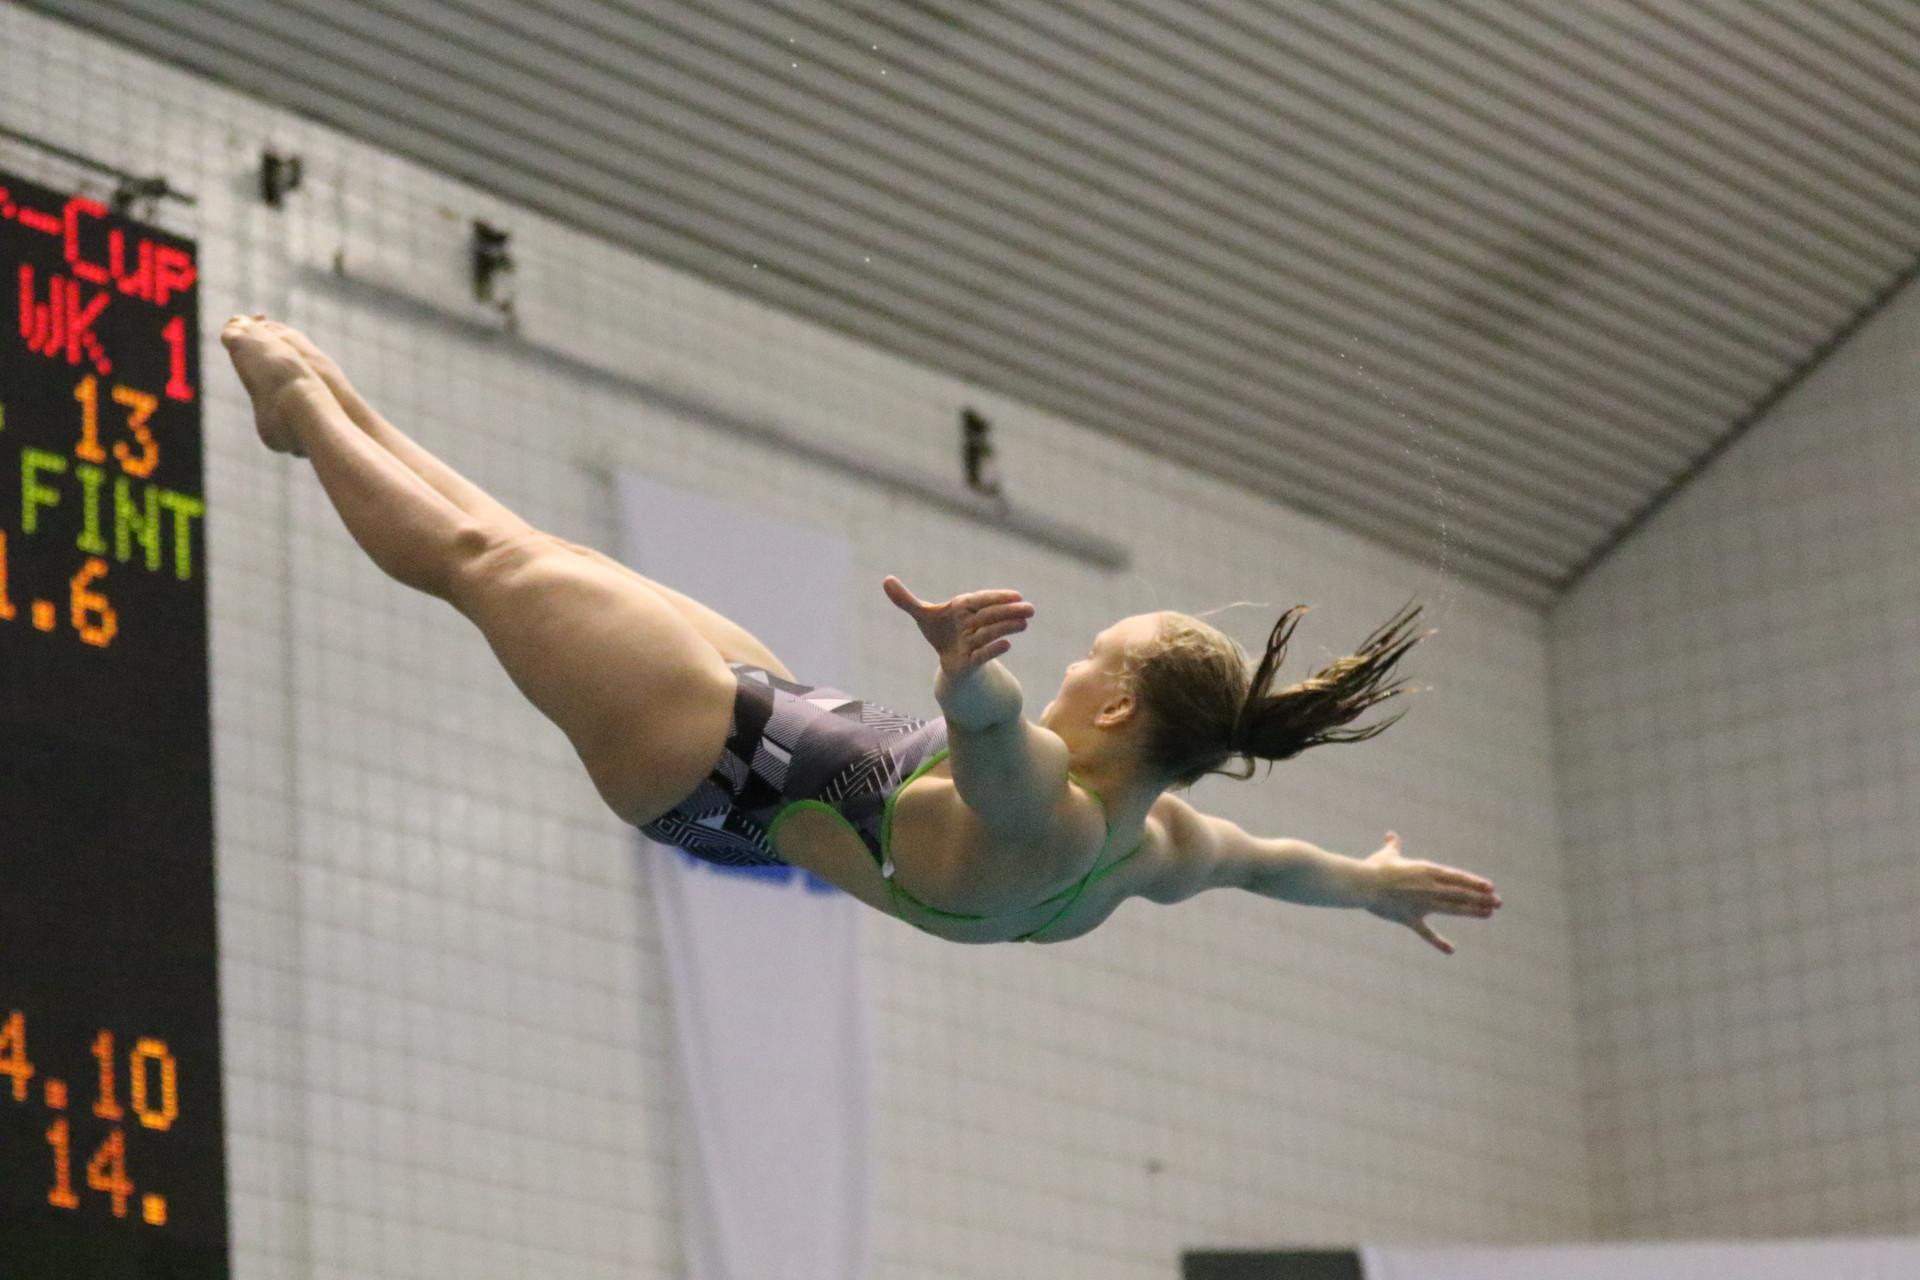 Uimahyppääjä ilmassa selällään, kasvot ylöspäin kädet suorana sivuilla nilkat ojennettuna